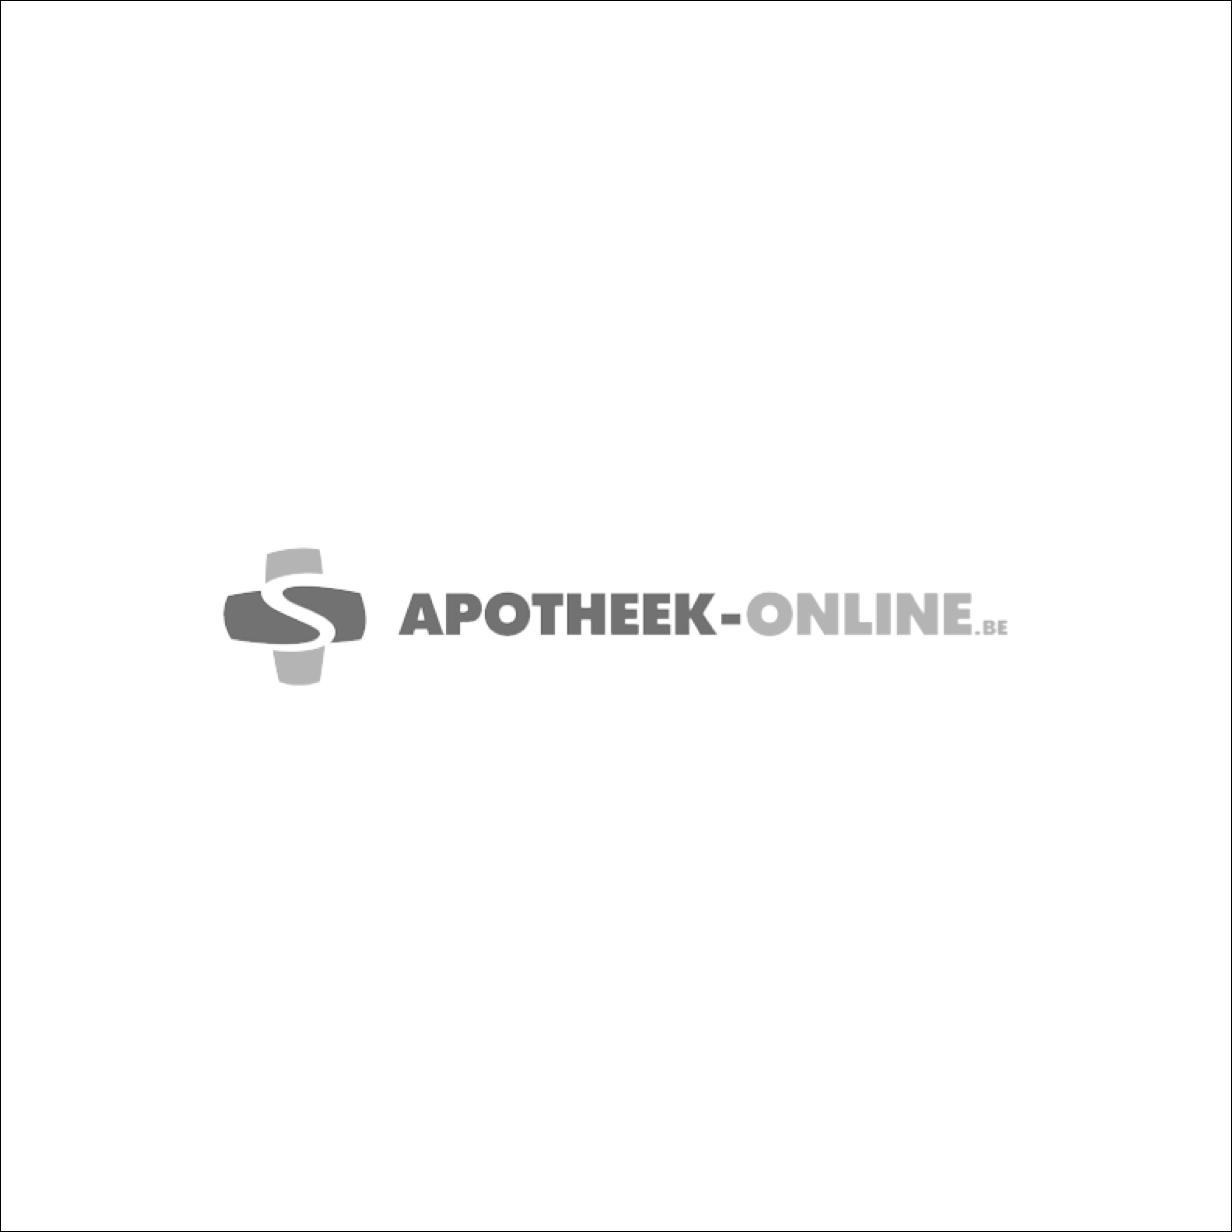 Bota Handpolsband + Duim 100 Skin N2 1 Stuk